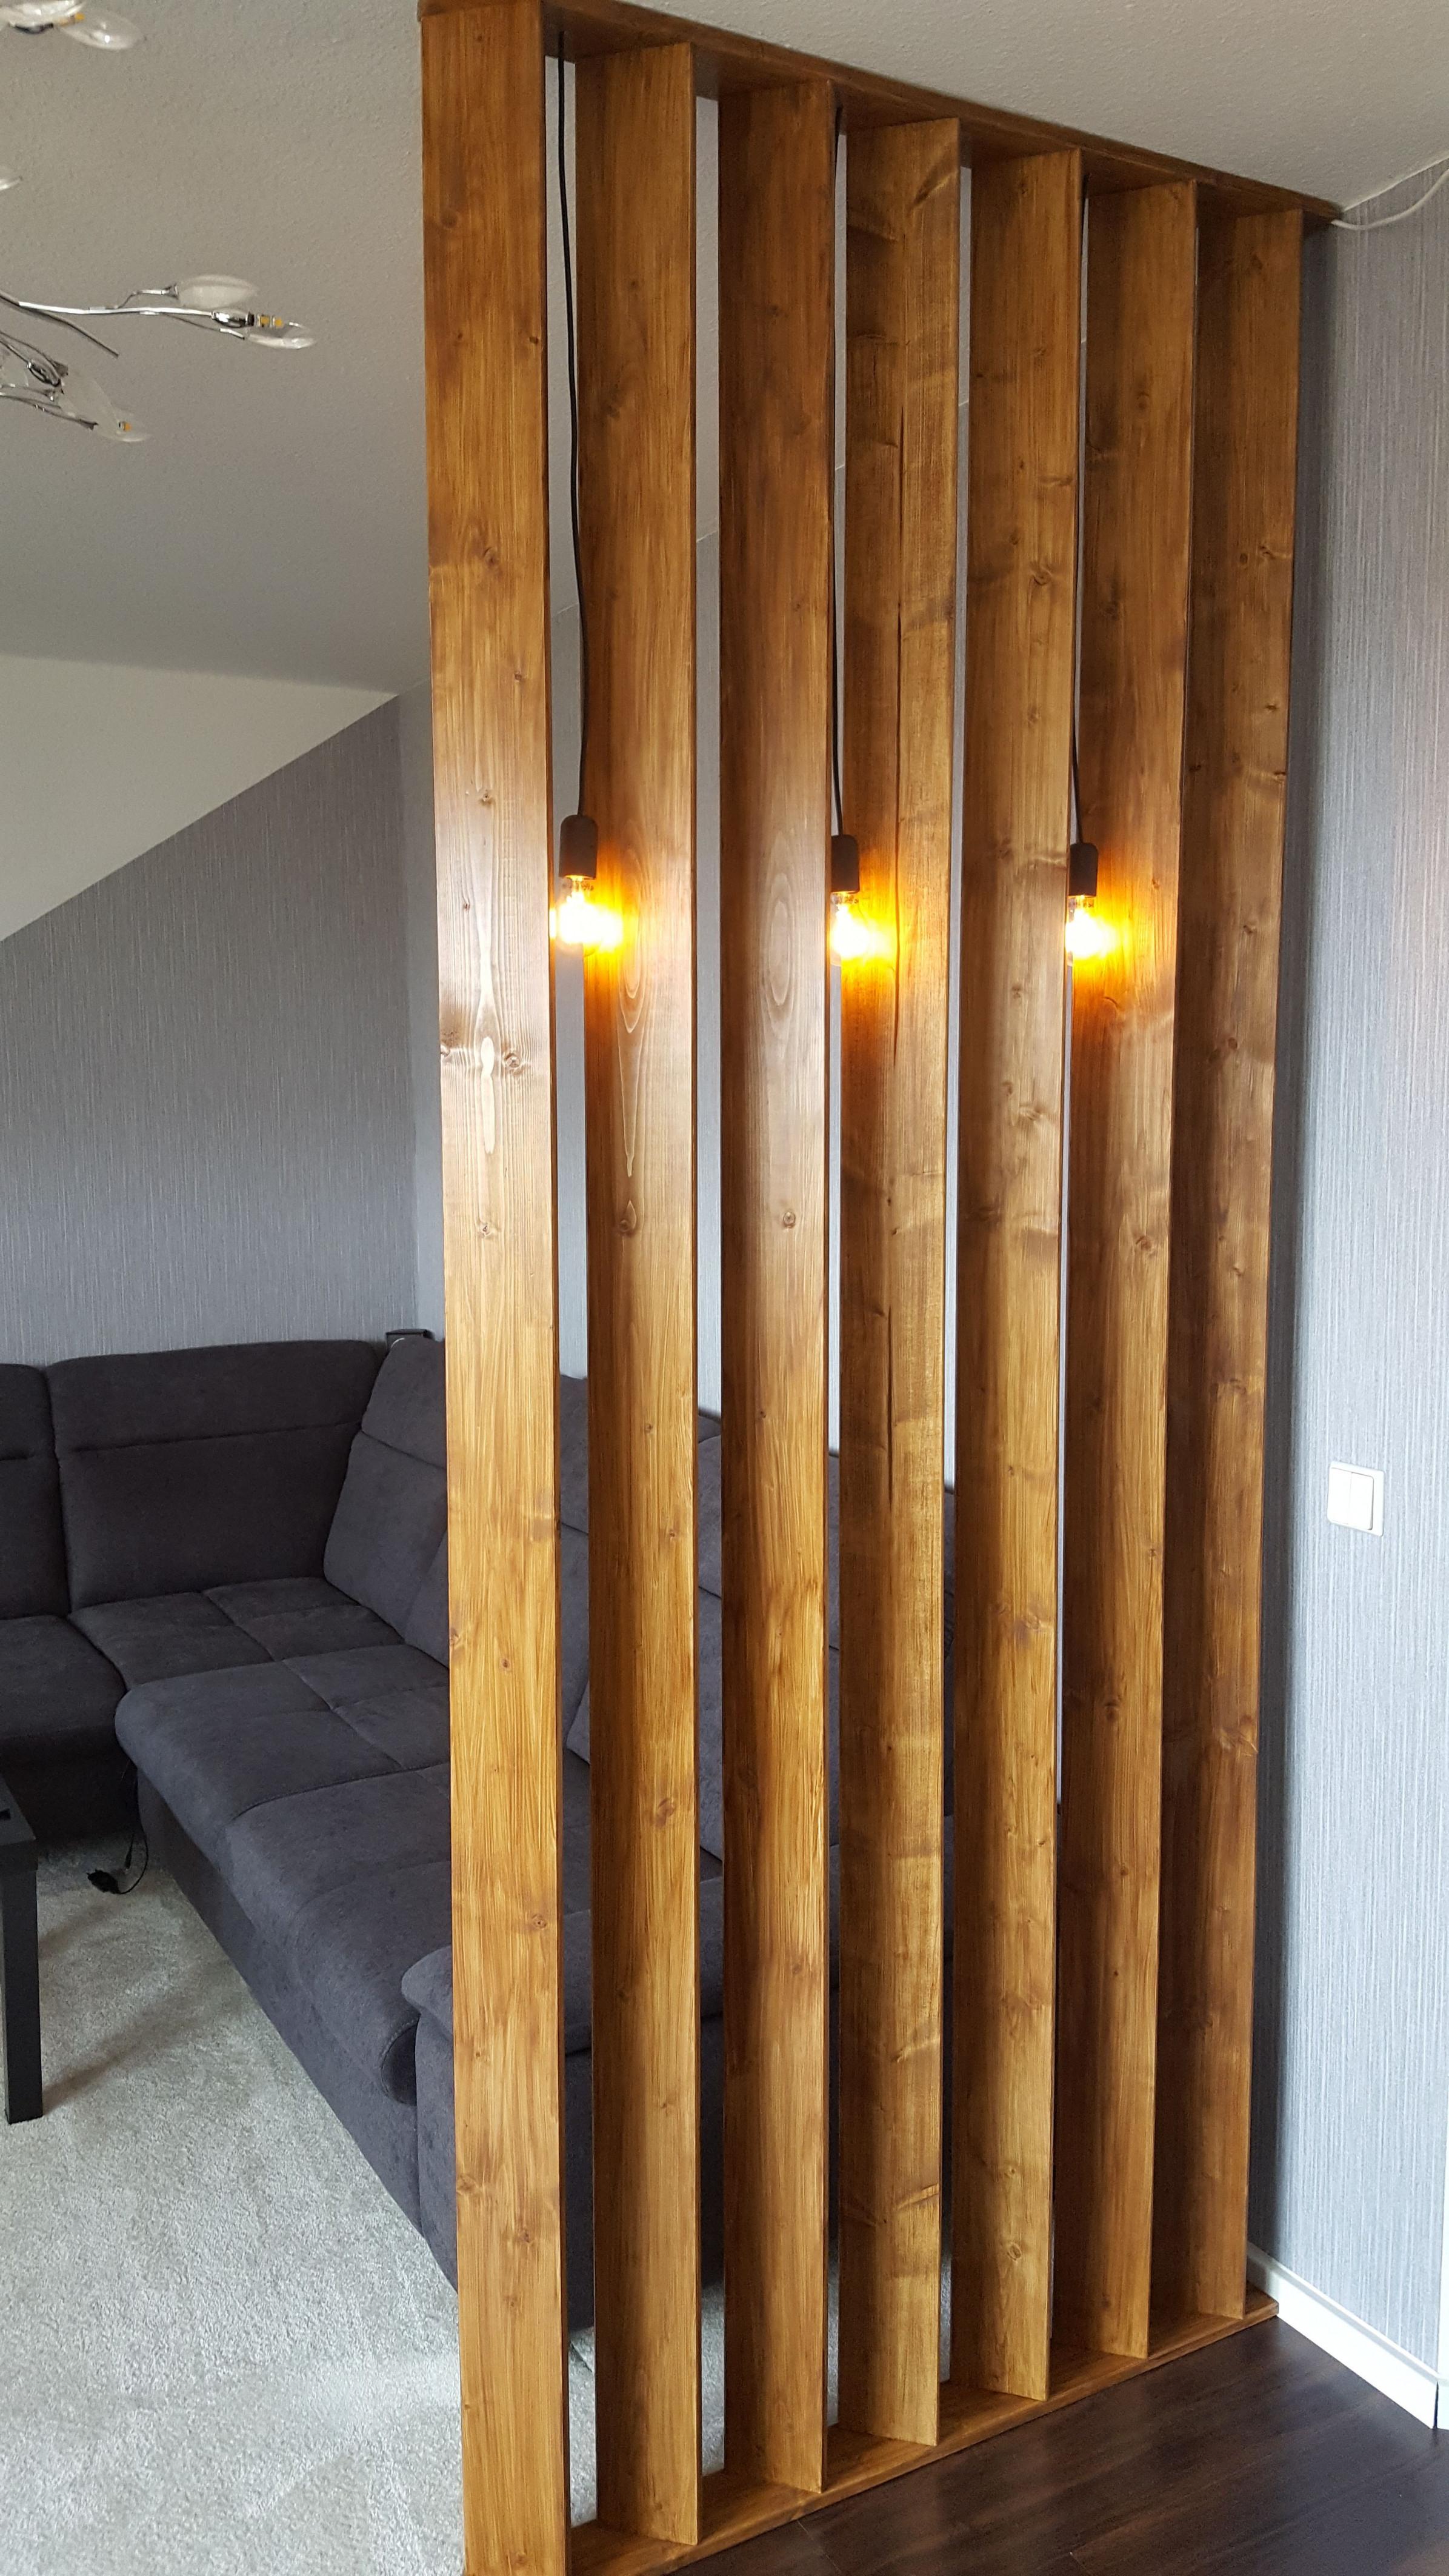 Raumteiler Holz  Raumteiler Holz Raumteiler Raumteiler Ideen von Raumtrenner Ideen Wohnzimmer Photo